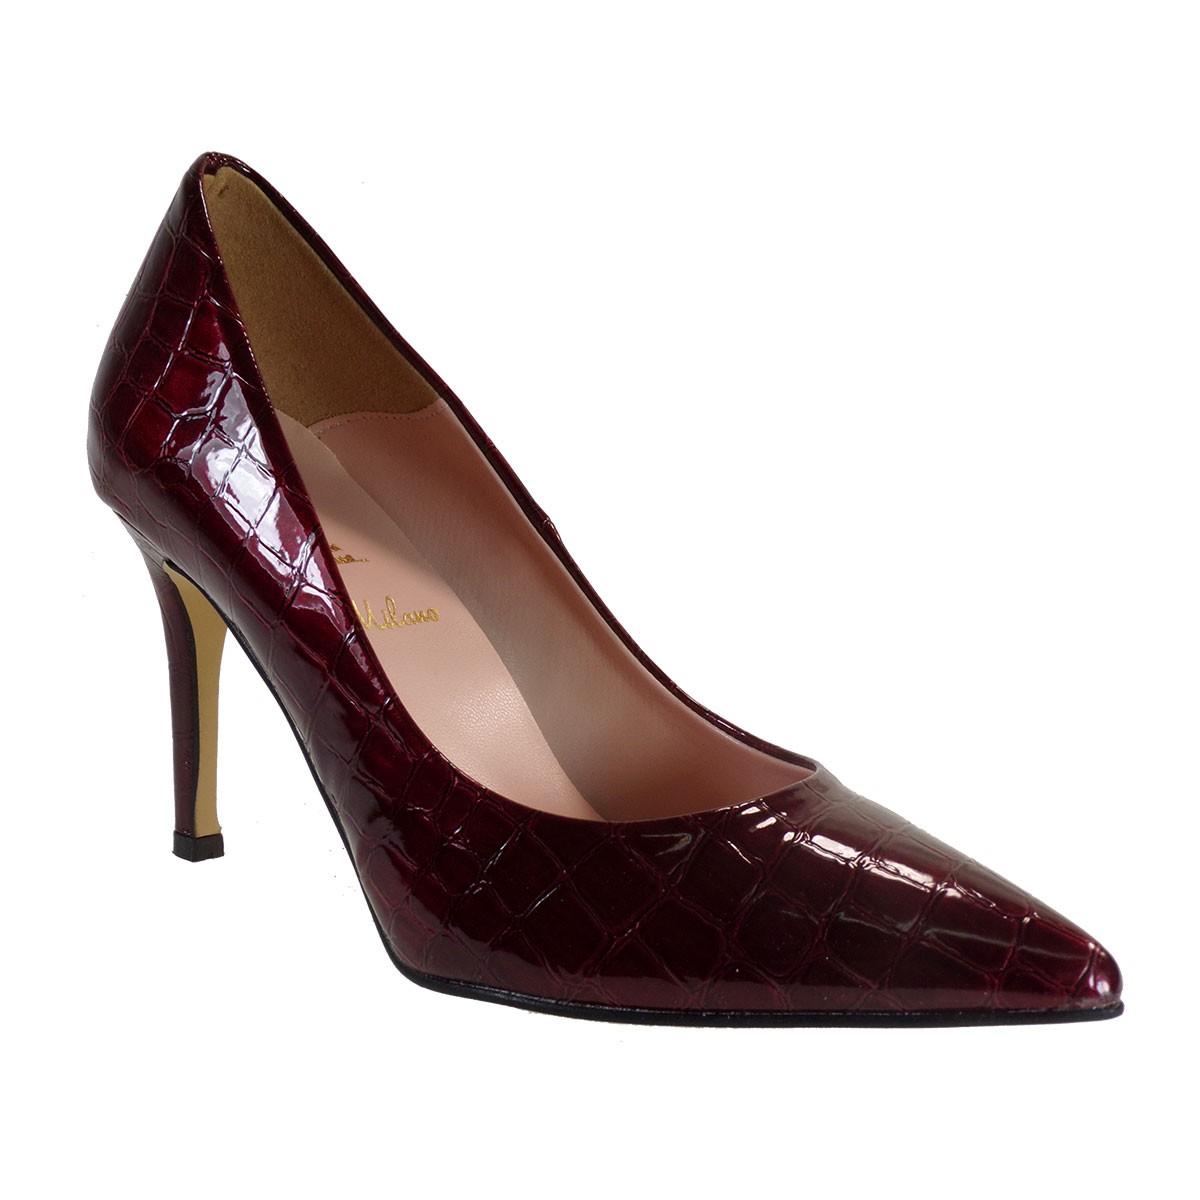 Alessandra Paggioti Γυναικεία Παπούτσια Γόβες 81001 Κόκκινο Κροκό Λουστρίνι